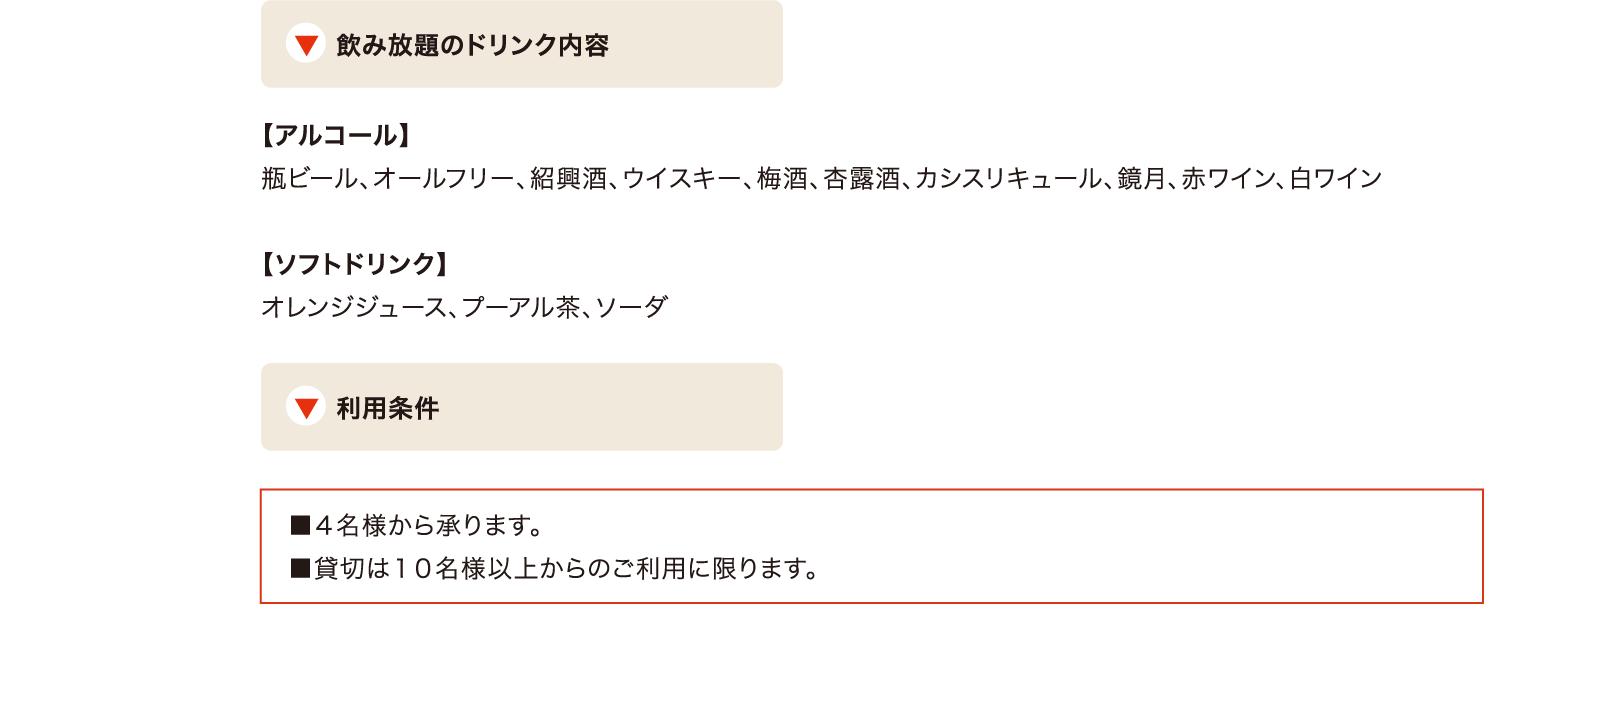 青龍コース/ドリンク内容と利用条件